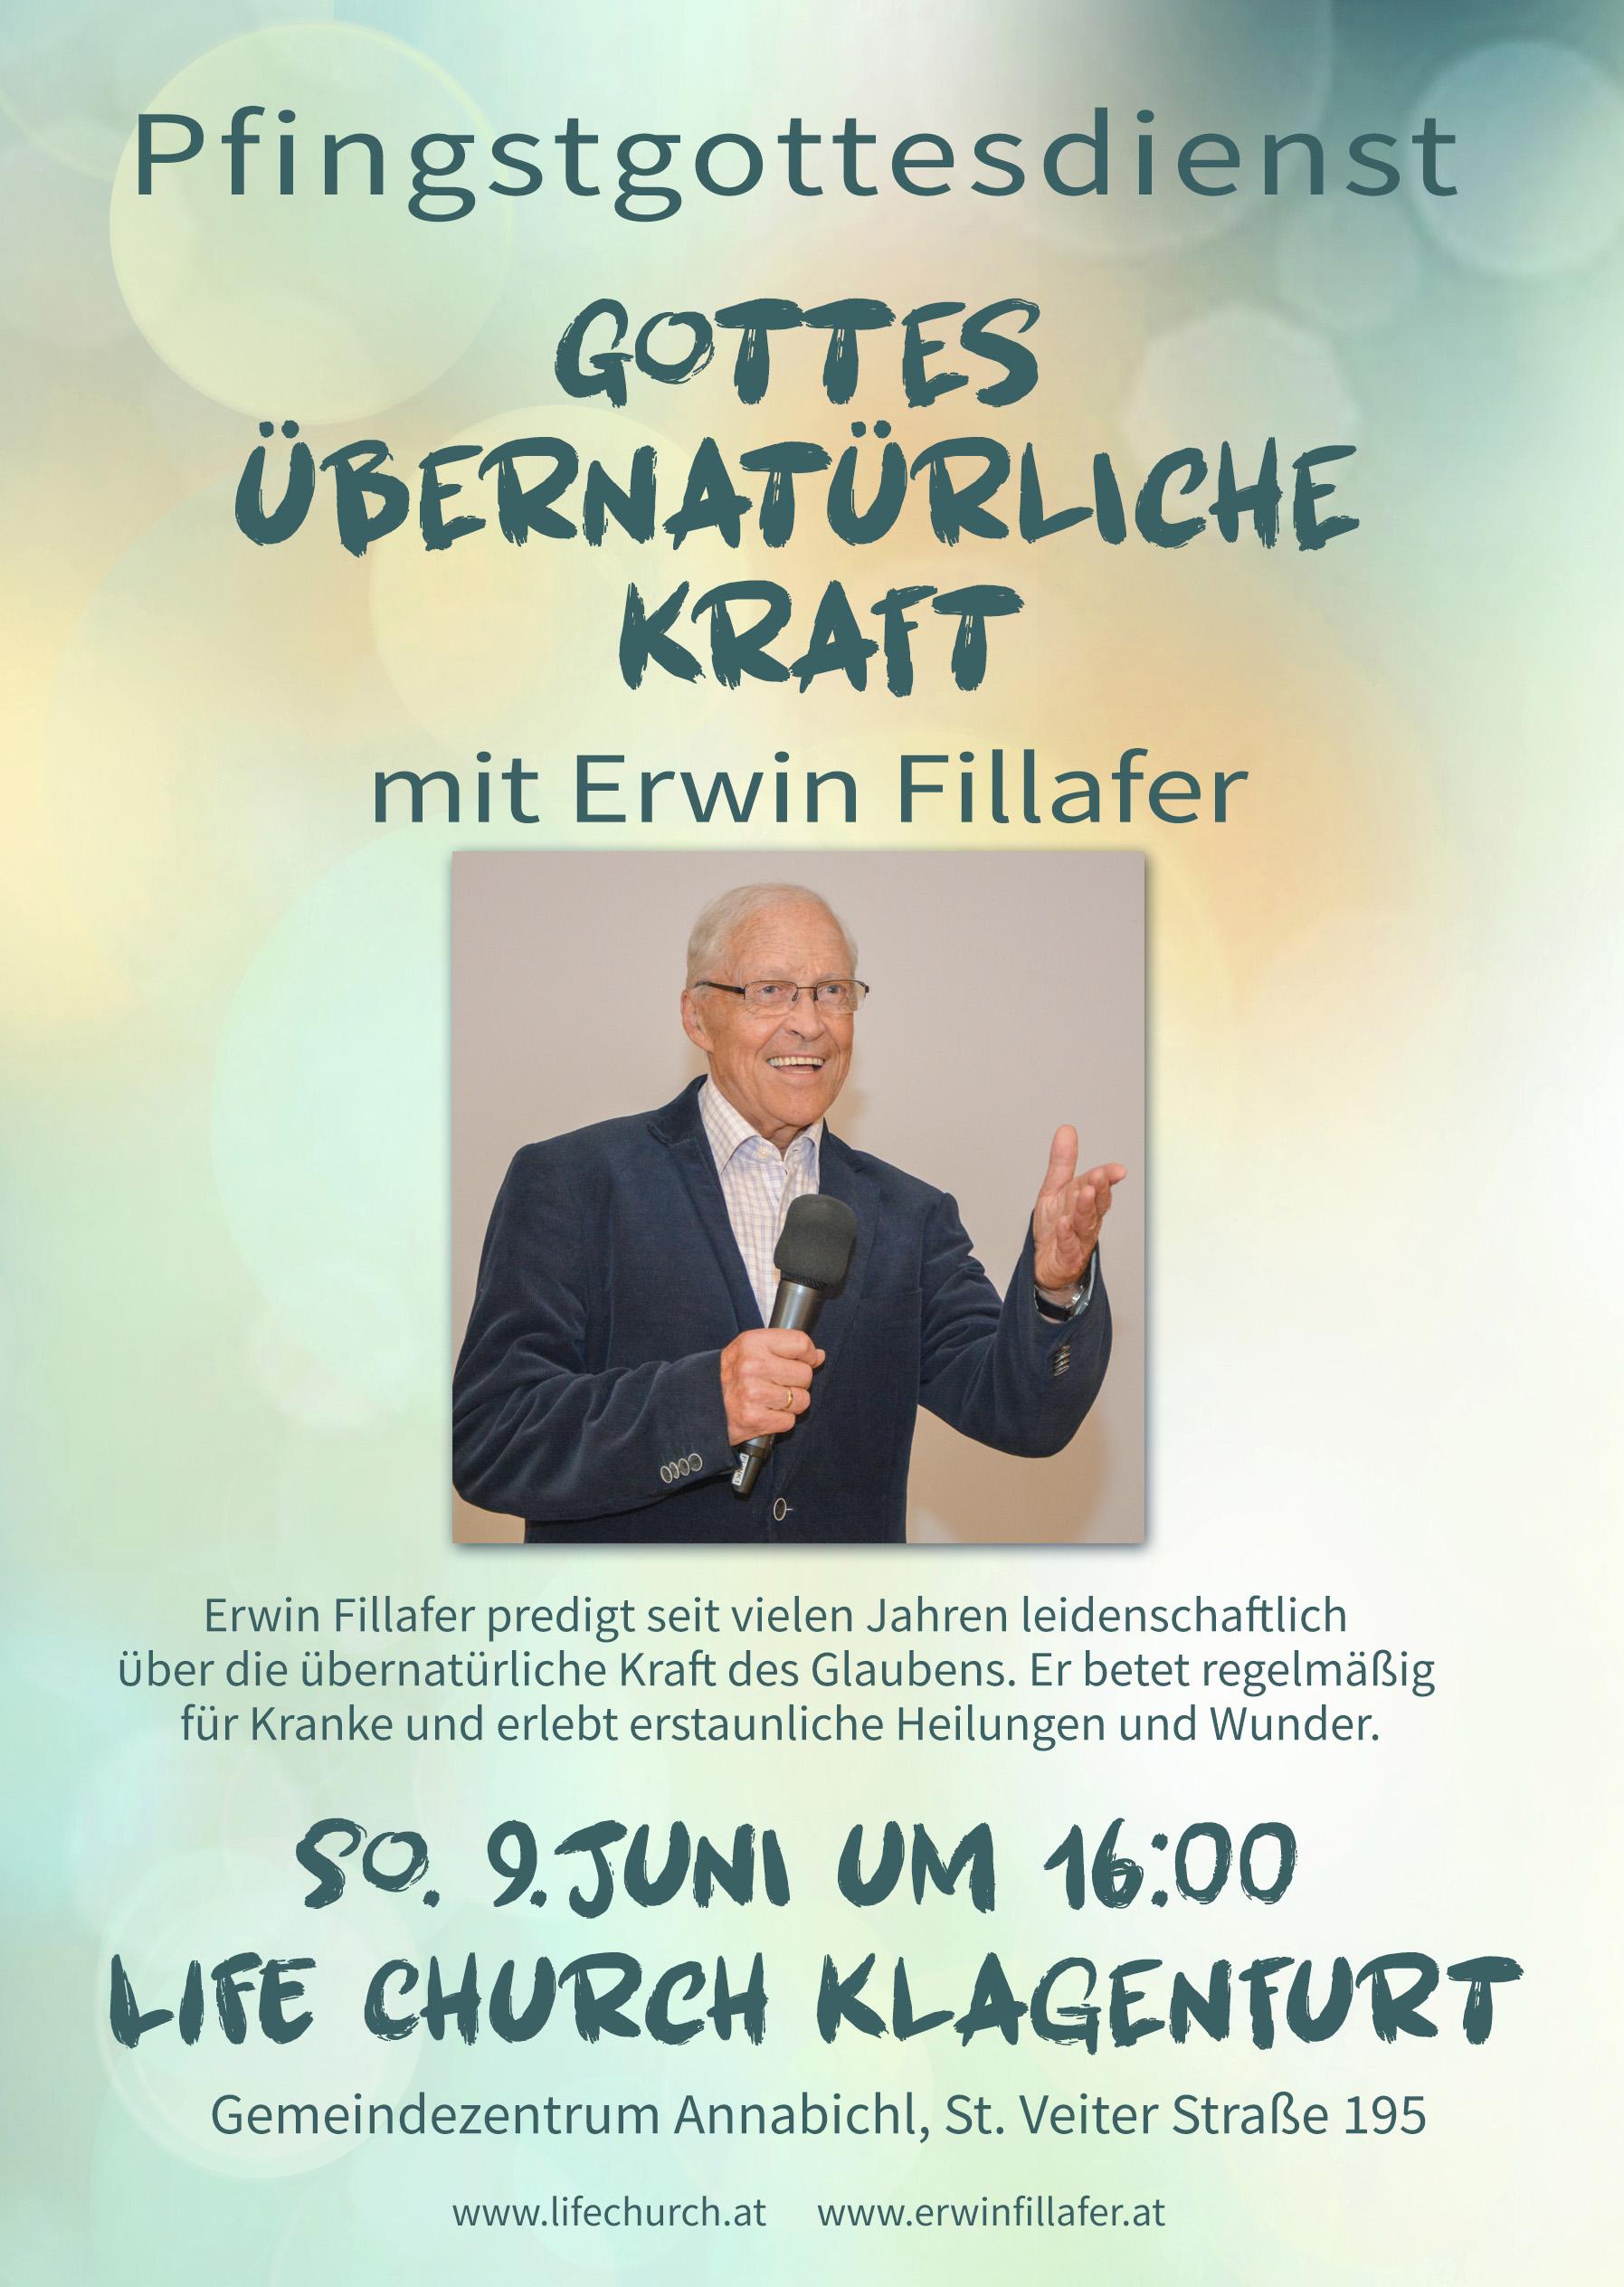 Pfingstgottesdienst Erwin Fillafer.jpg